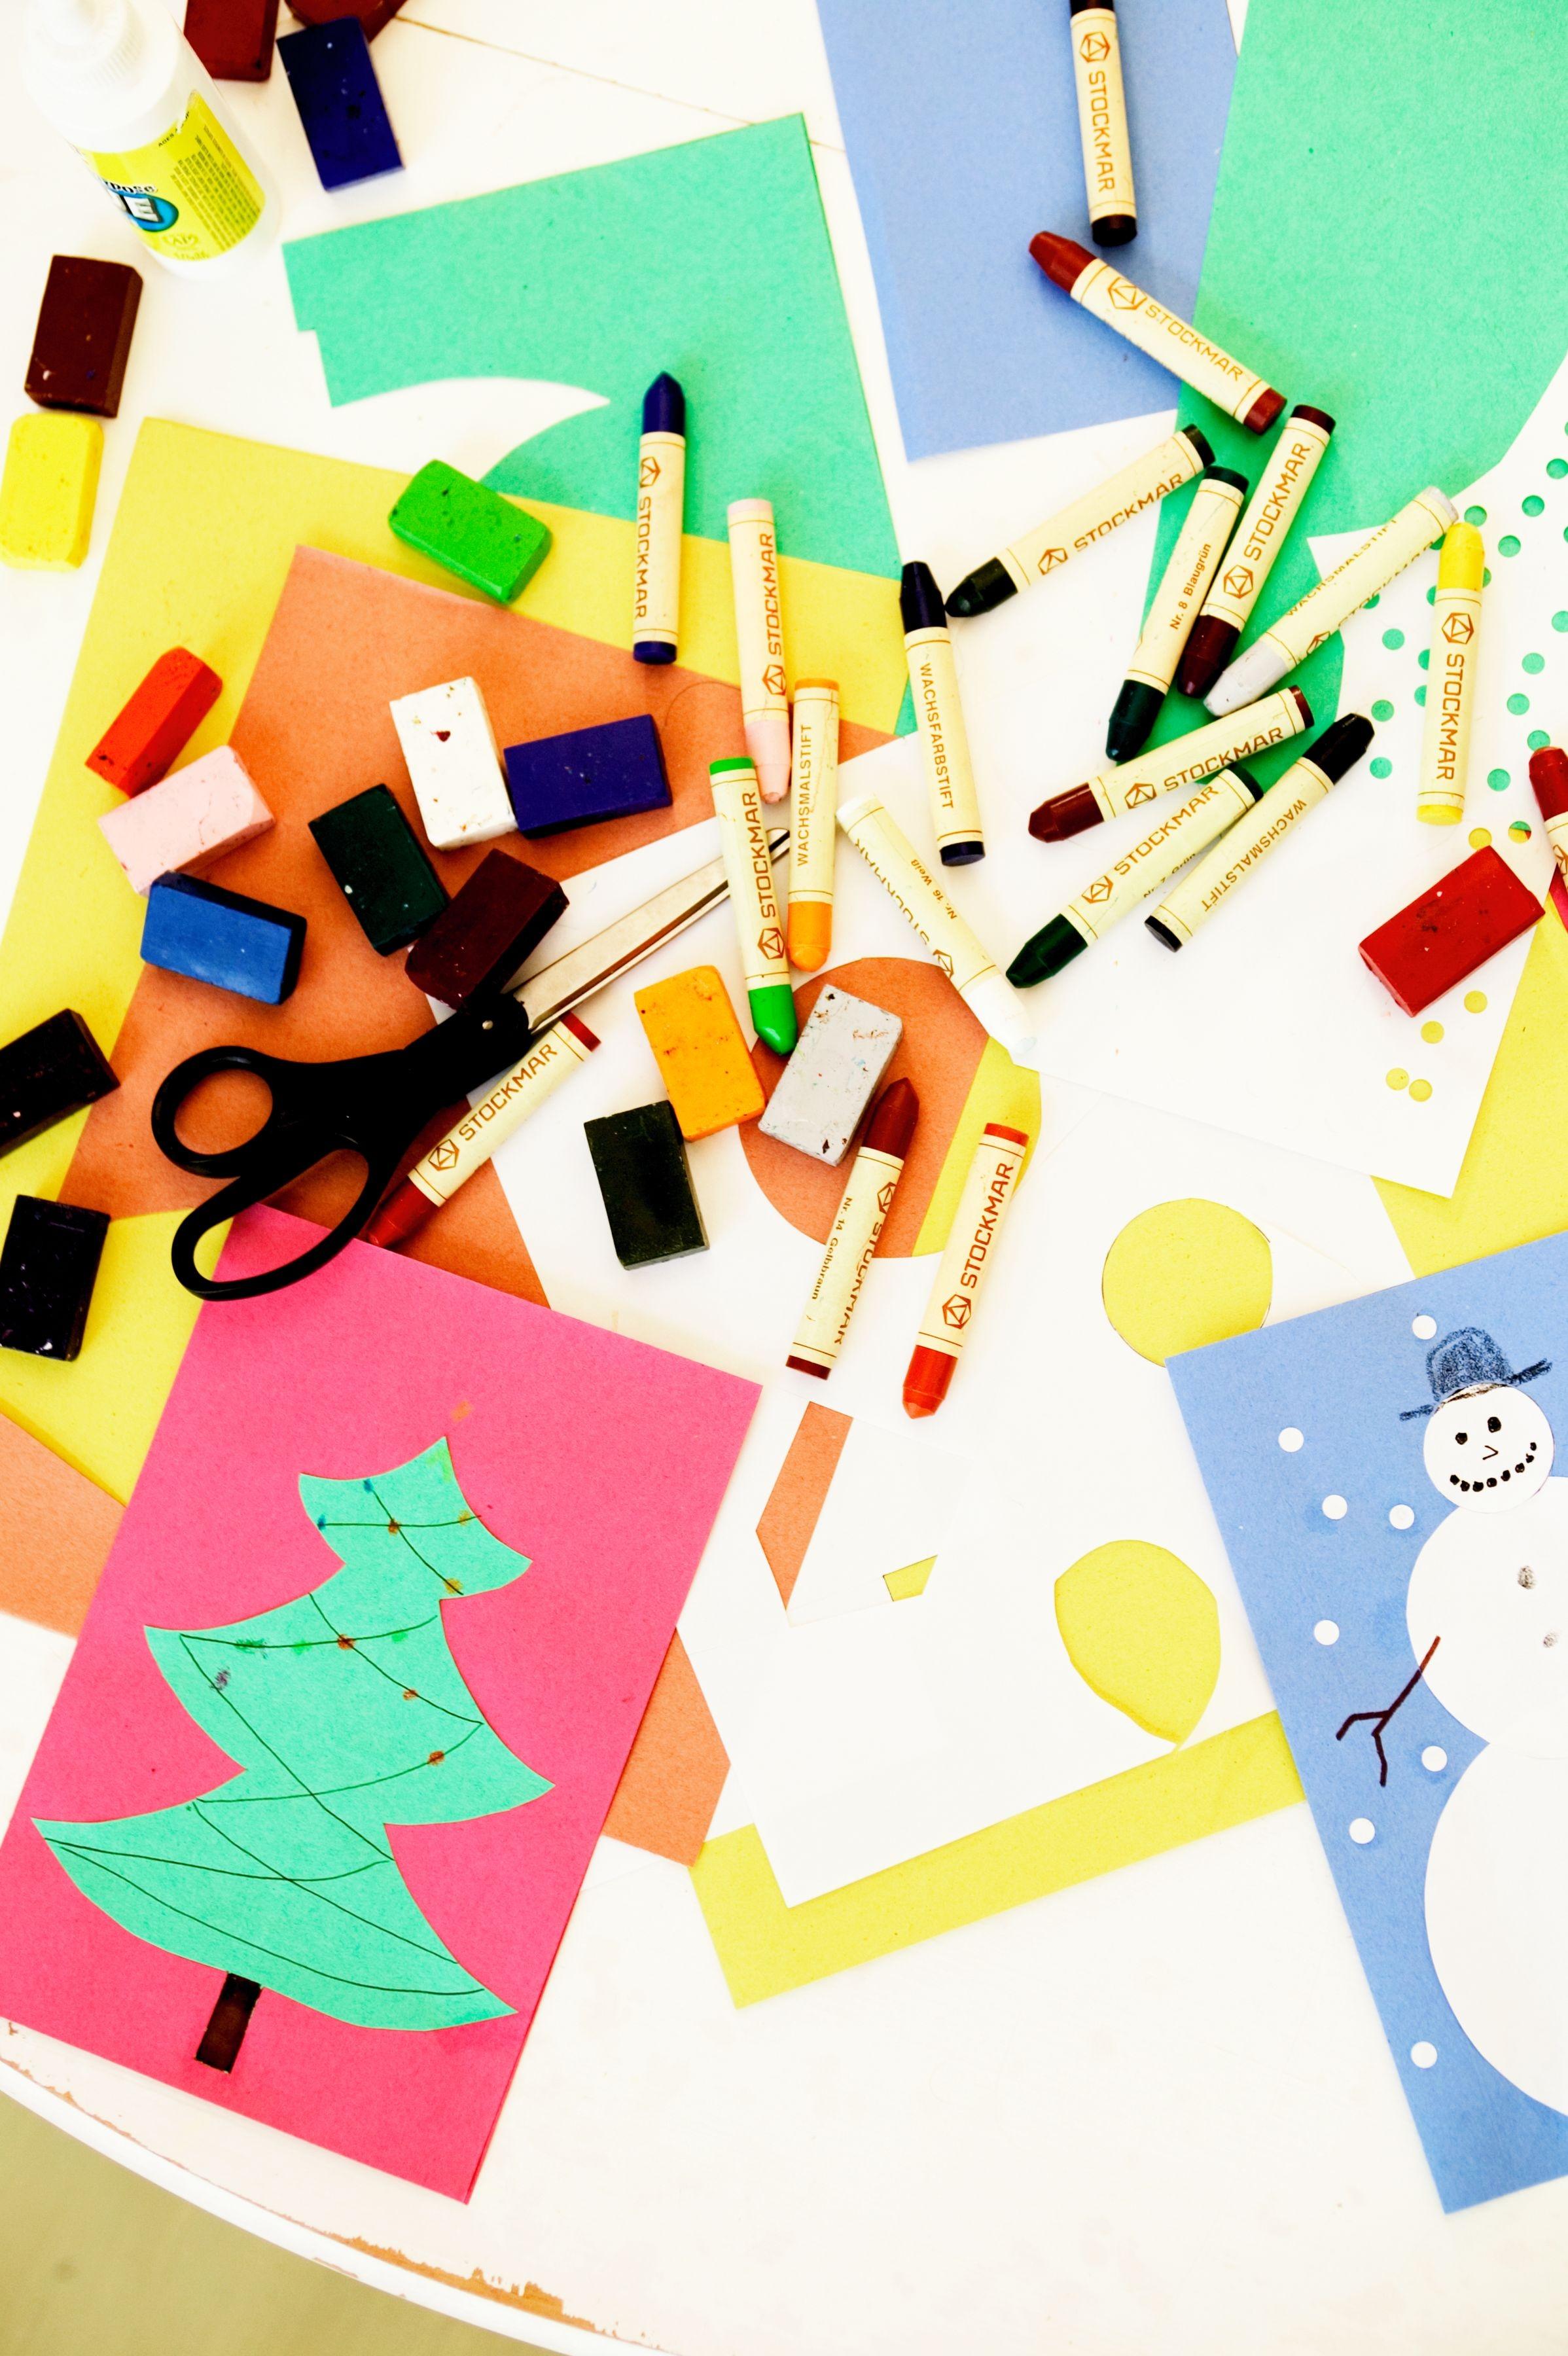 sencillos proyectos de arte temticos de navidad para nios en edad preescolar ehow en espaol with de navidad para ninos with de navidad sencillas para nios